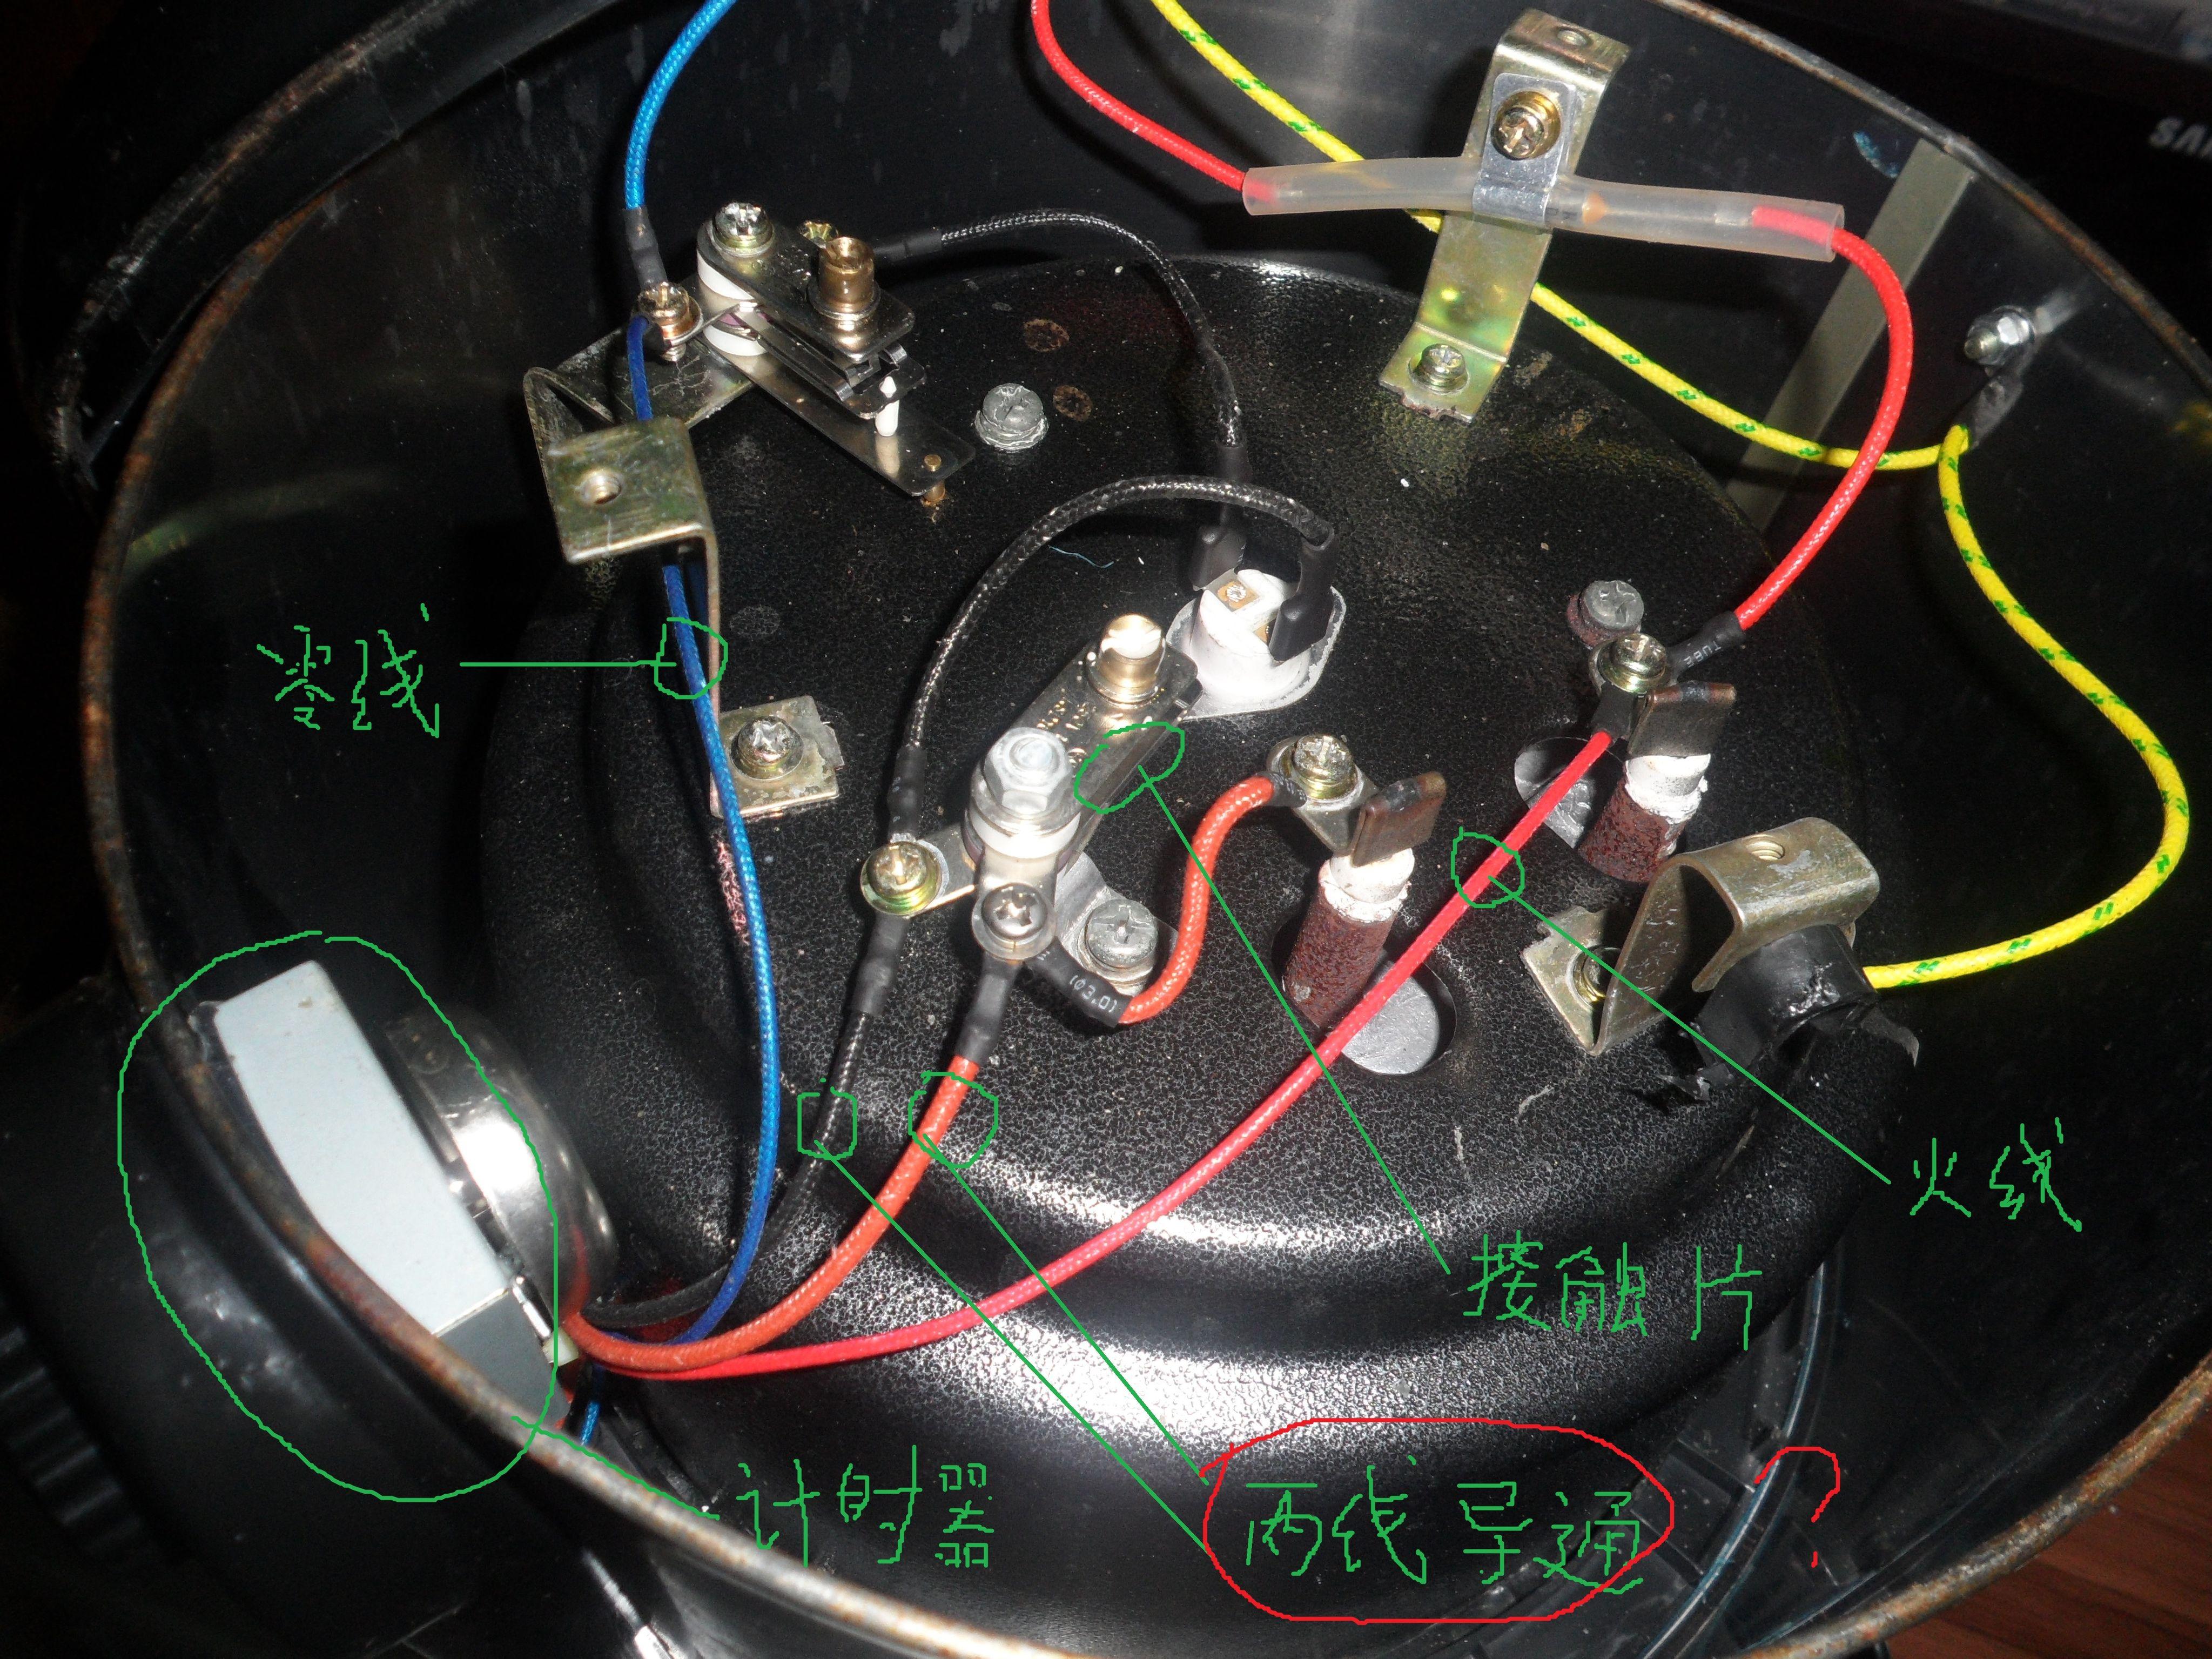 电热锅接线_附图,电压力锅故障,请师傅指点。_百度知道